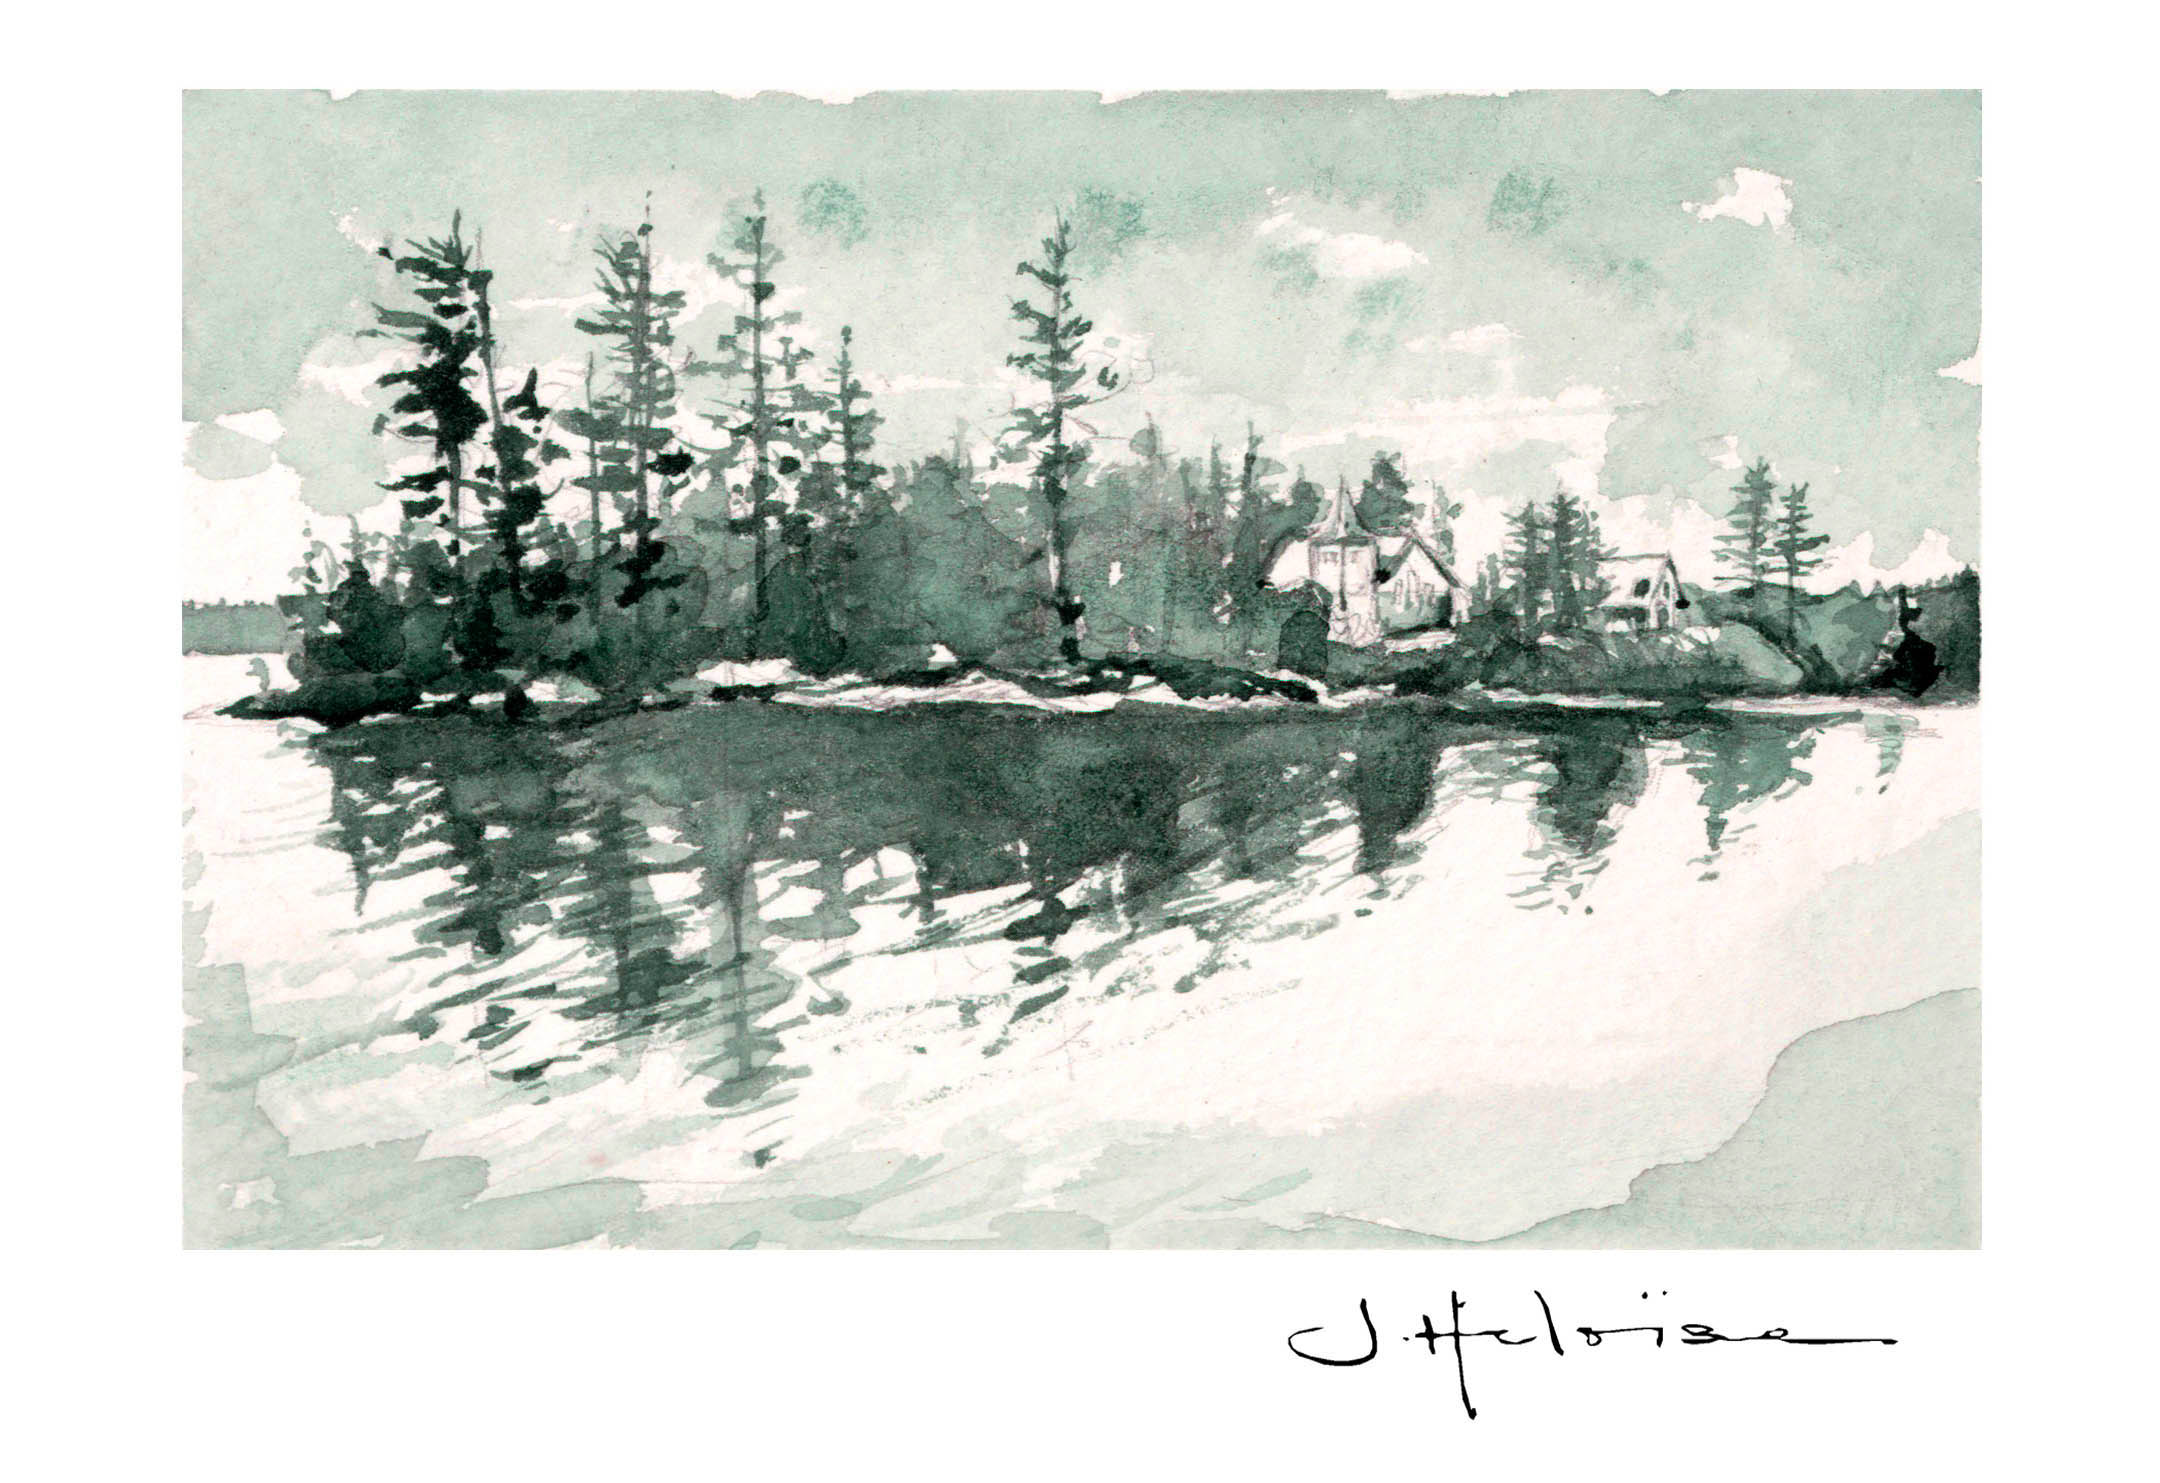 St. Hubert's Isle, 2009